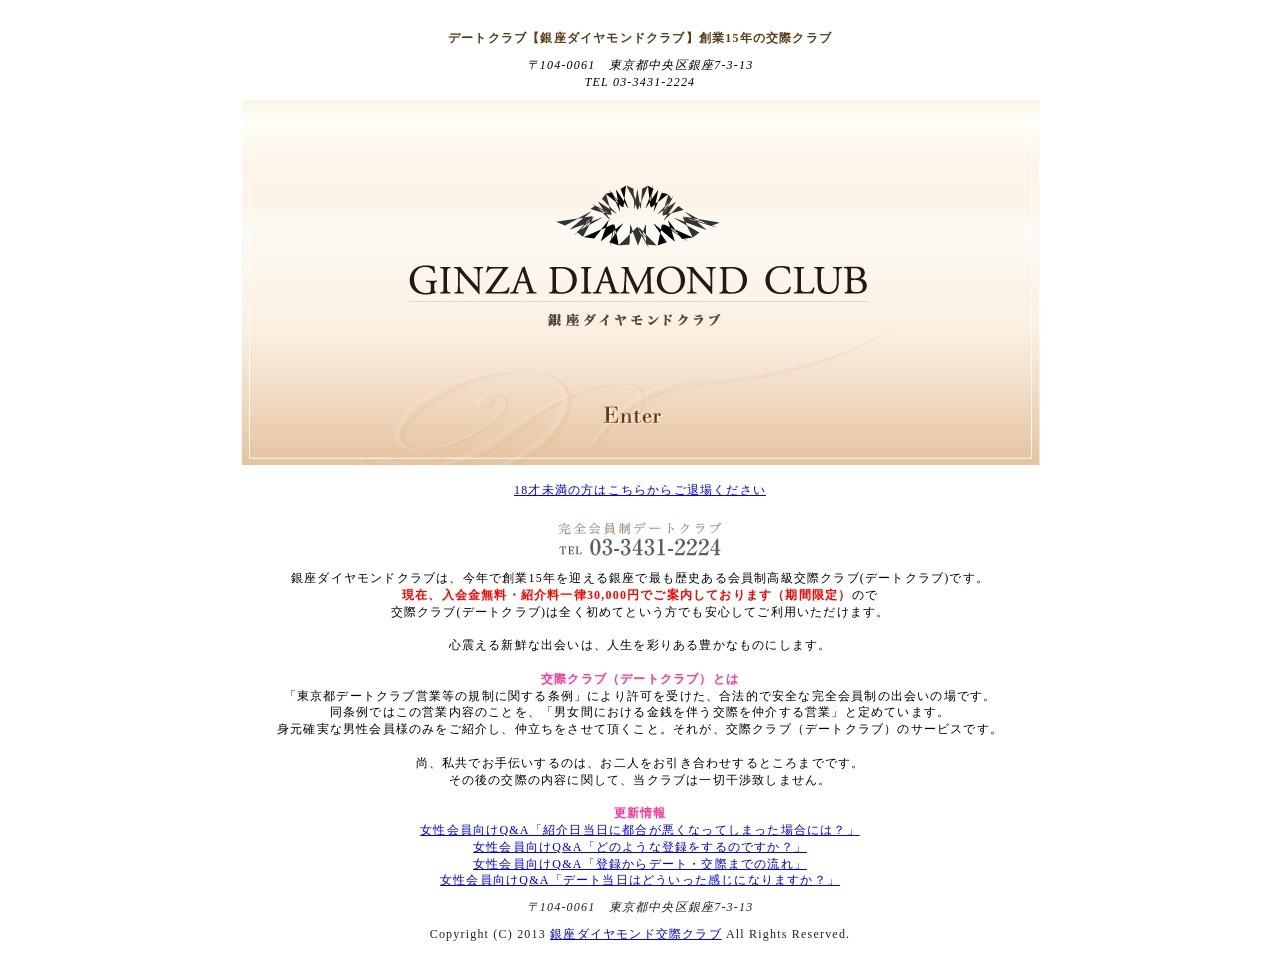 銀座ダイヤモンドクラブ